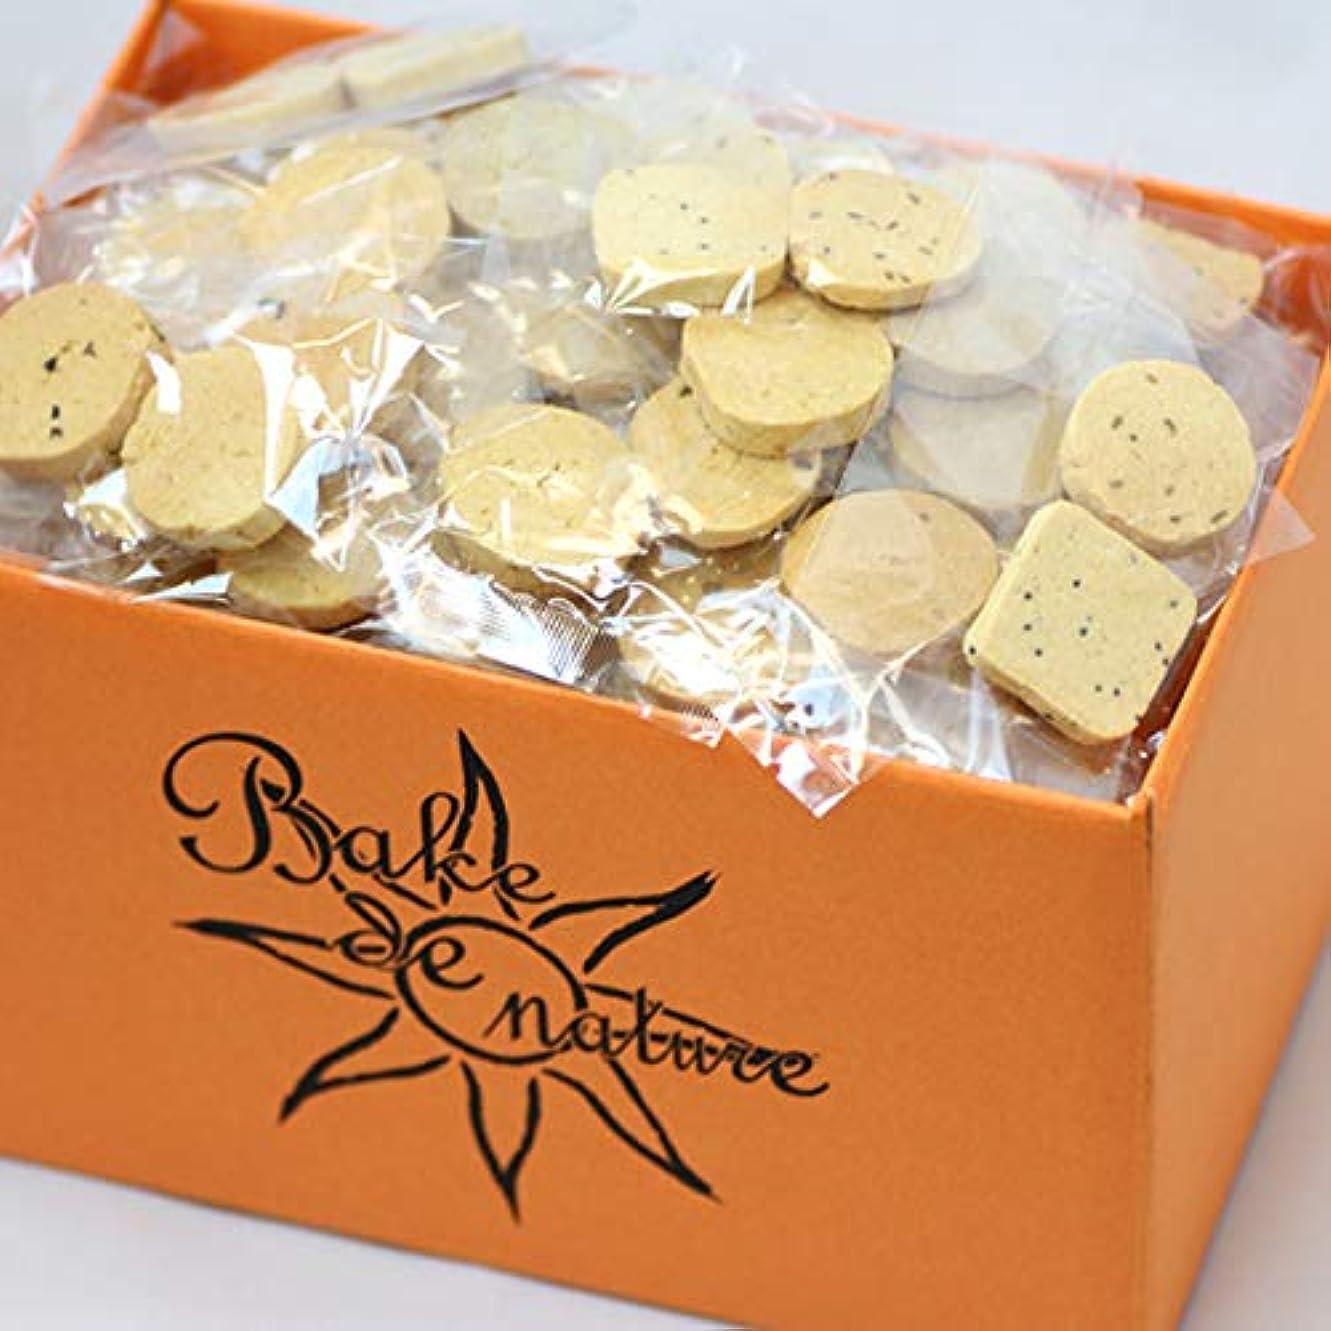 ごちそう銀取り戻すスーパーフード豆乳おからクッキー (10種類MIX) 1袋 1kg (個包装) 小麦粉不使用のダイエットクッキー